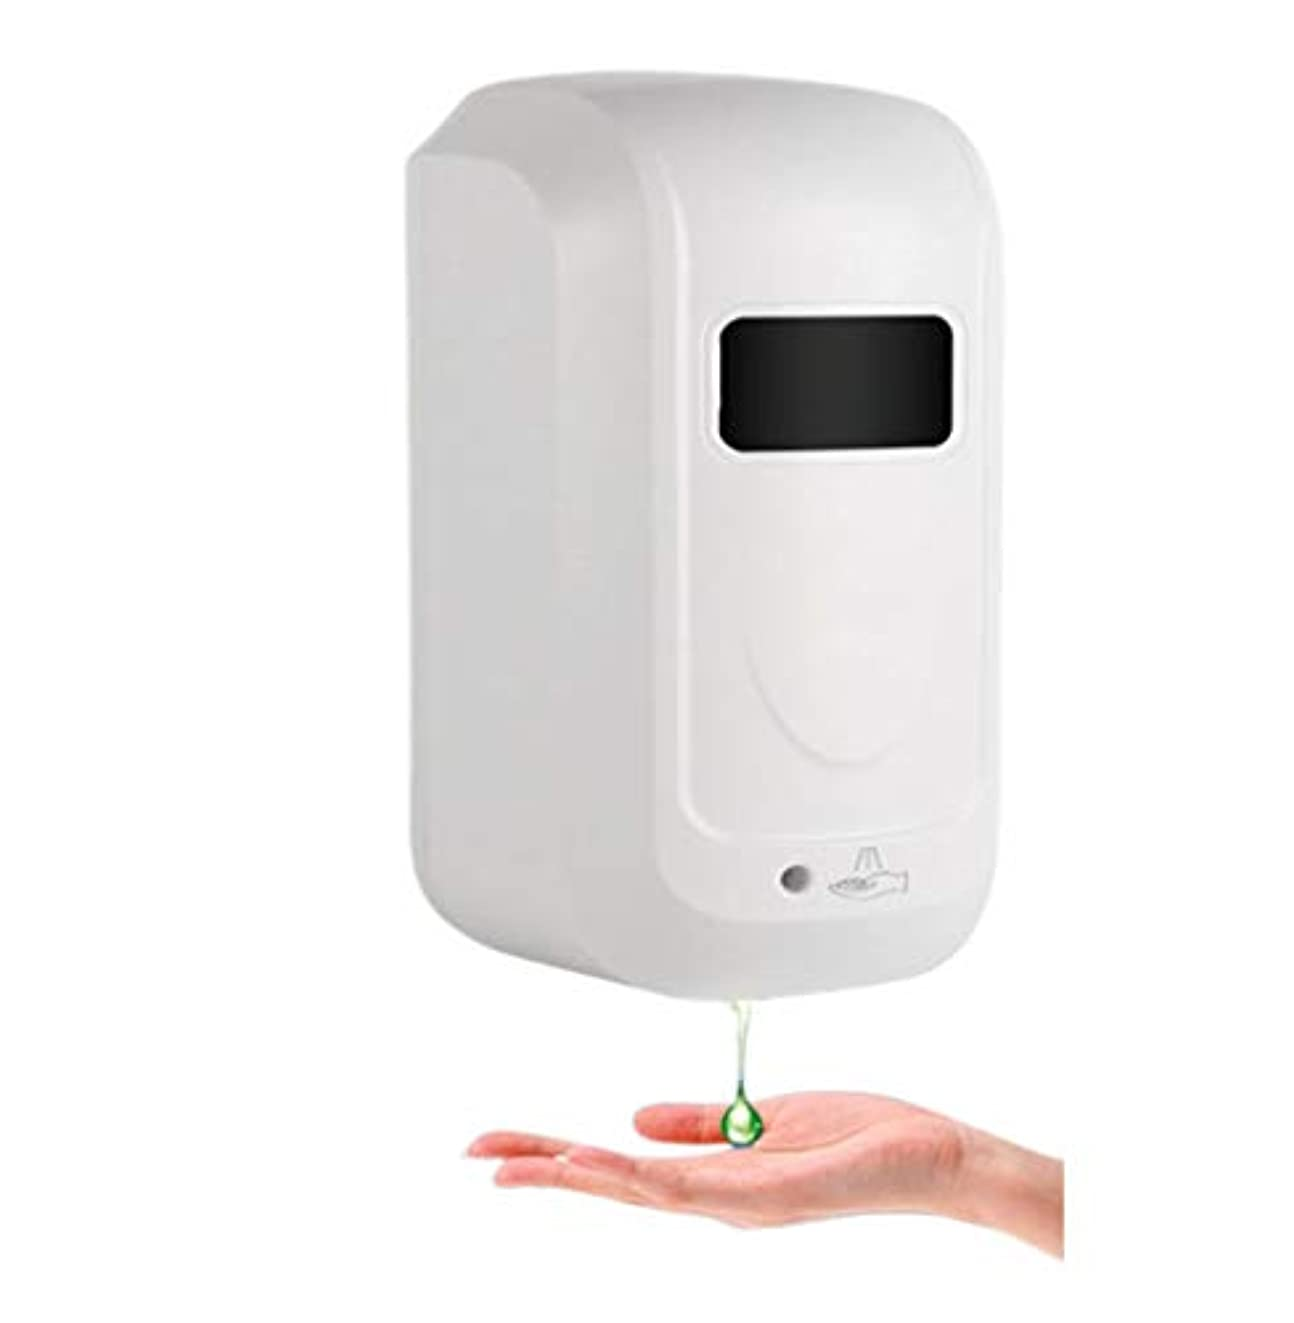 対処代替妖精壁に取り付けられた自動石鹸ディスペンサーの白、電気自動石鹸ディスペンサーの電池式の接触自由な1000ml浴室の台所オフィスホテルのための大きい容量